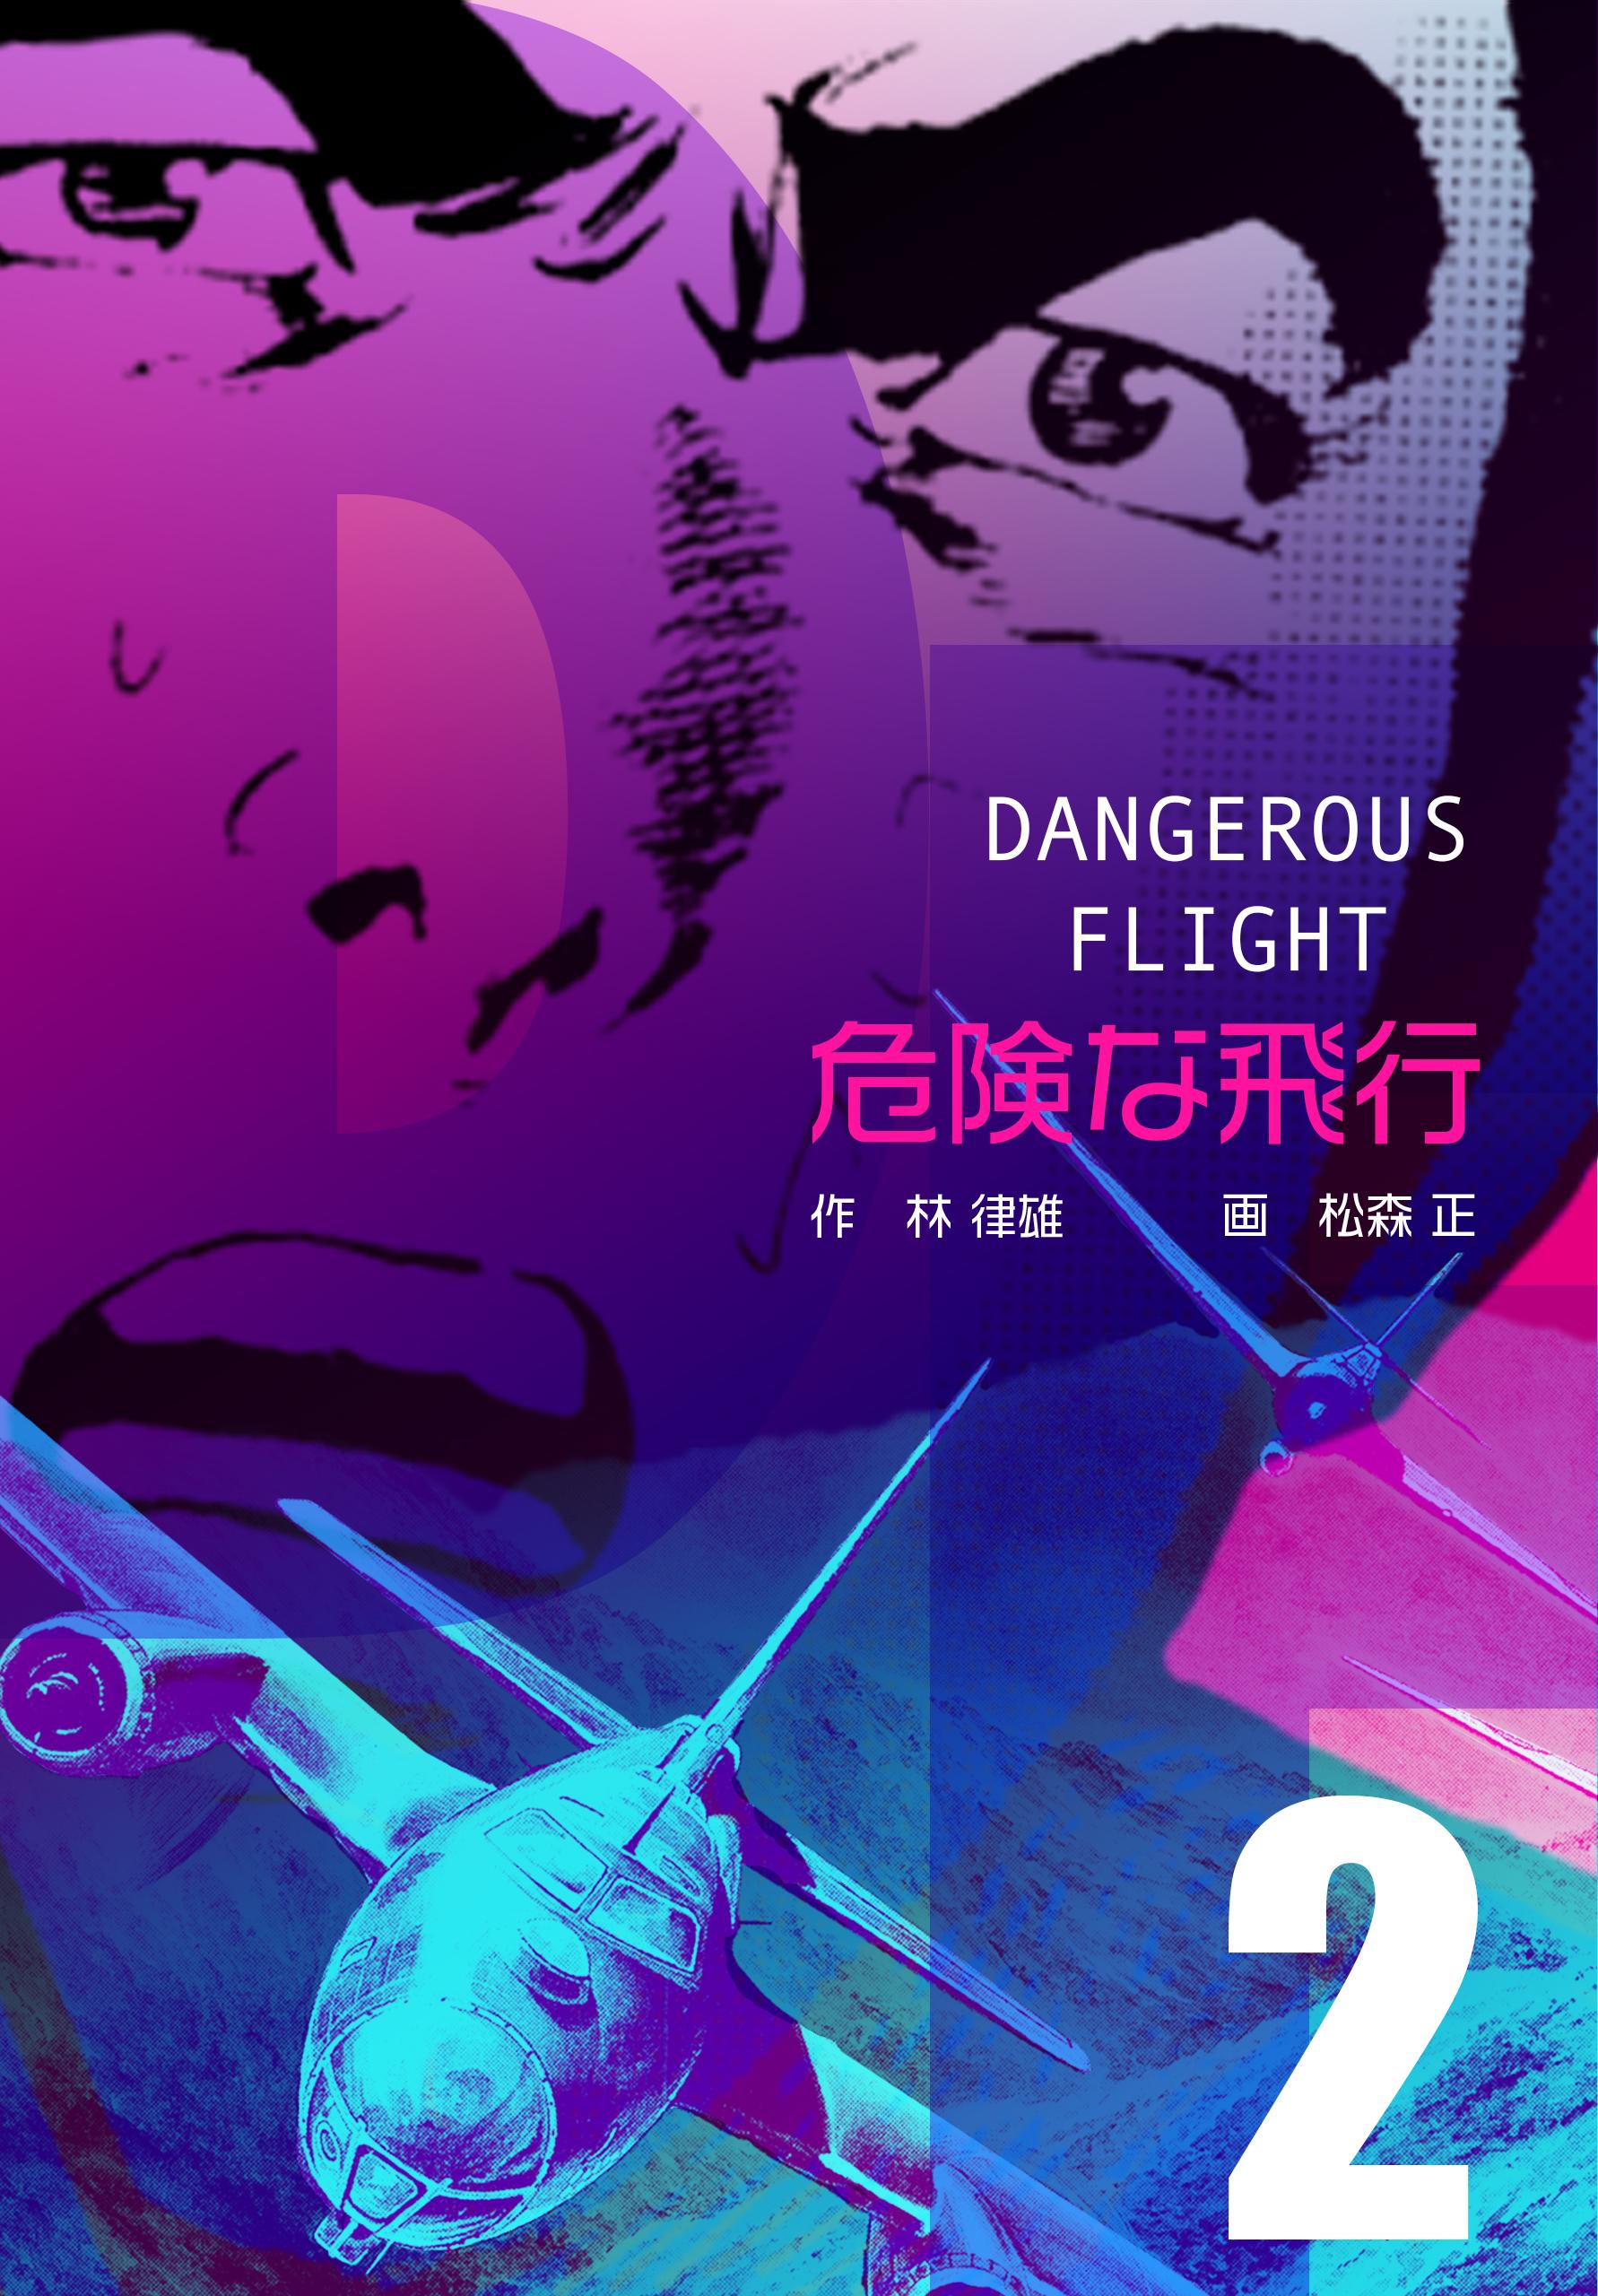 危険な飛行(第2巻)